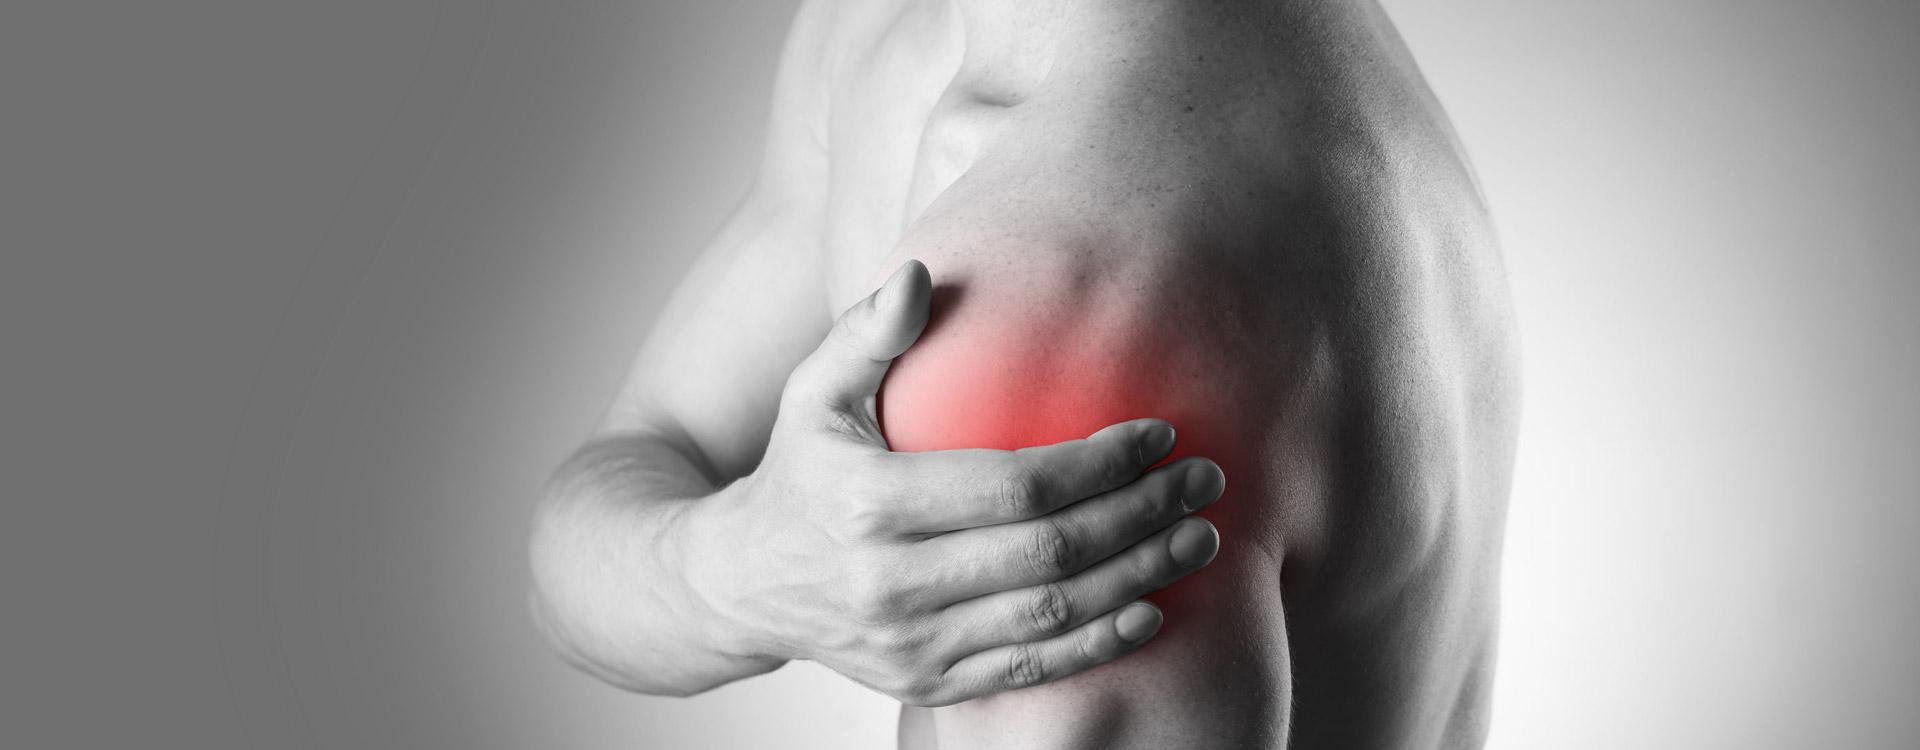 Артроз плечевого сустава симптомы и лечение врач